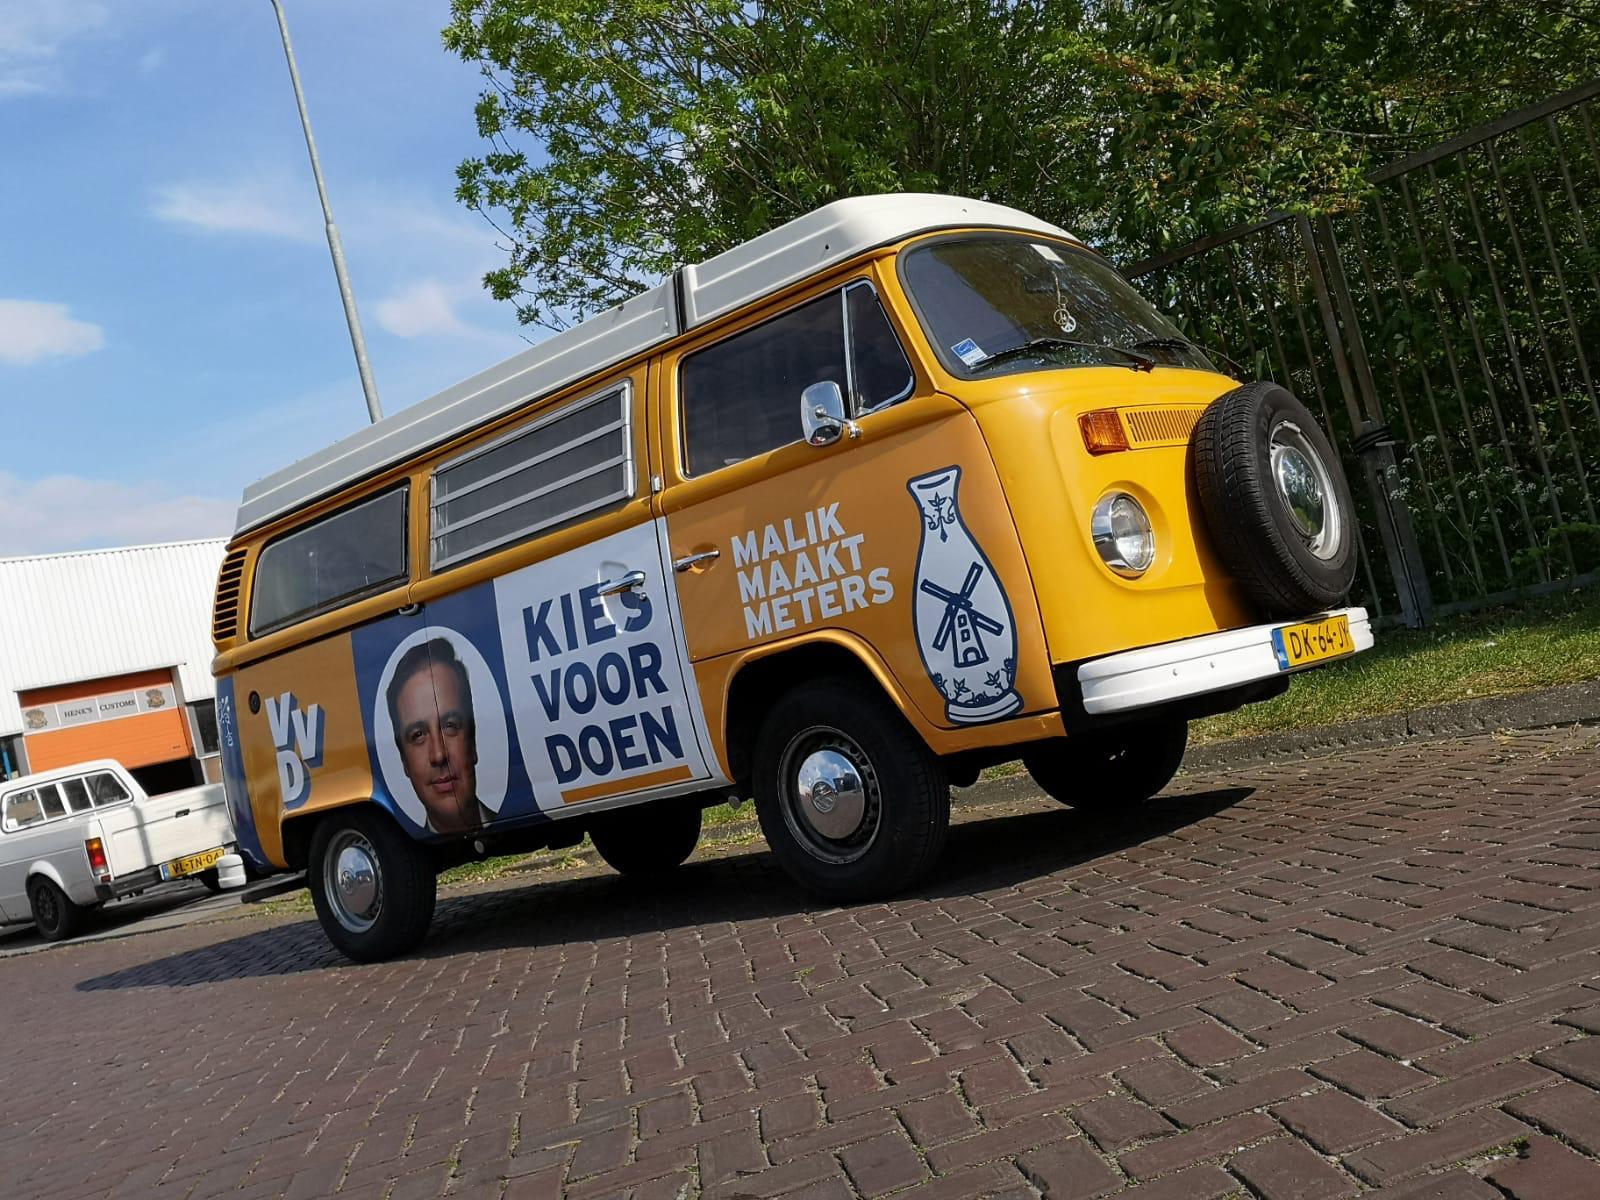 VVD busje